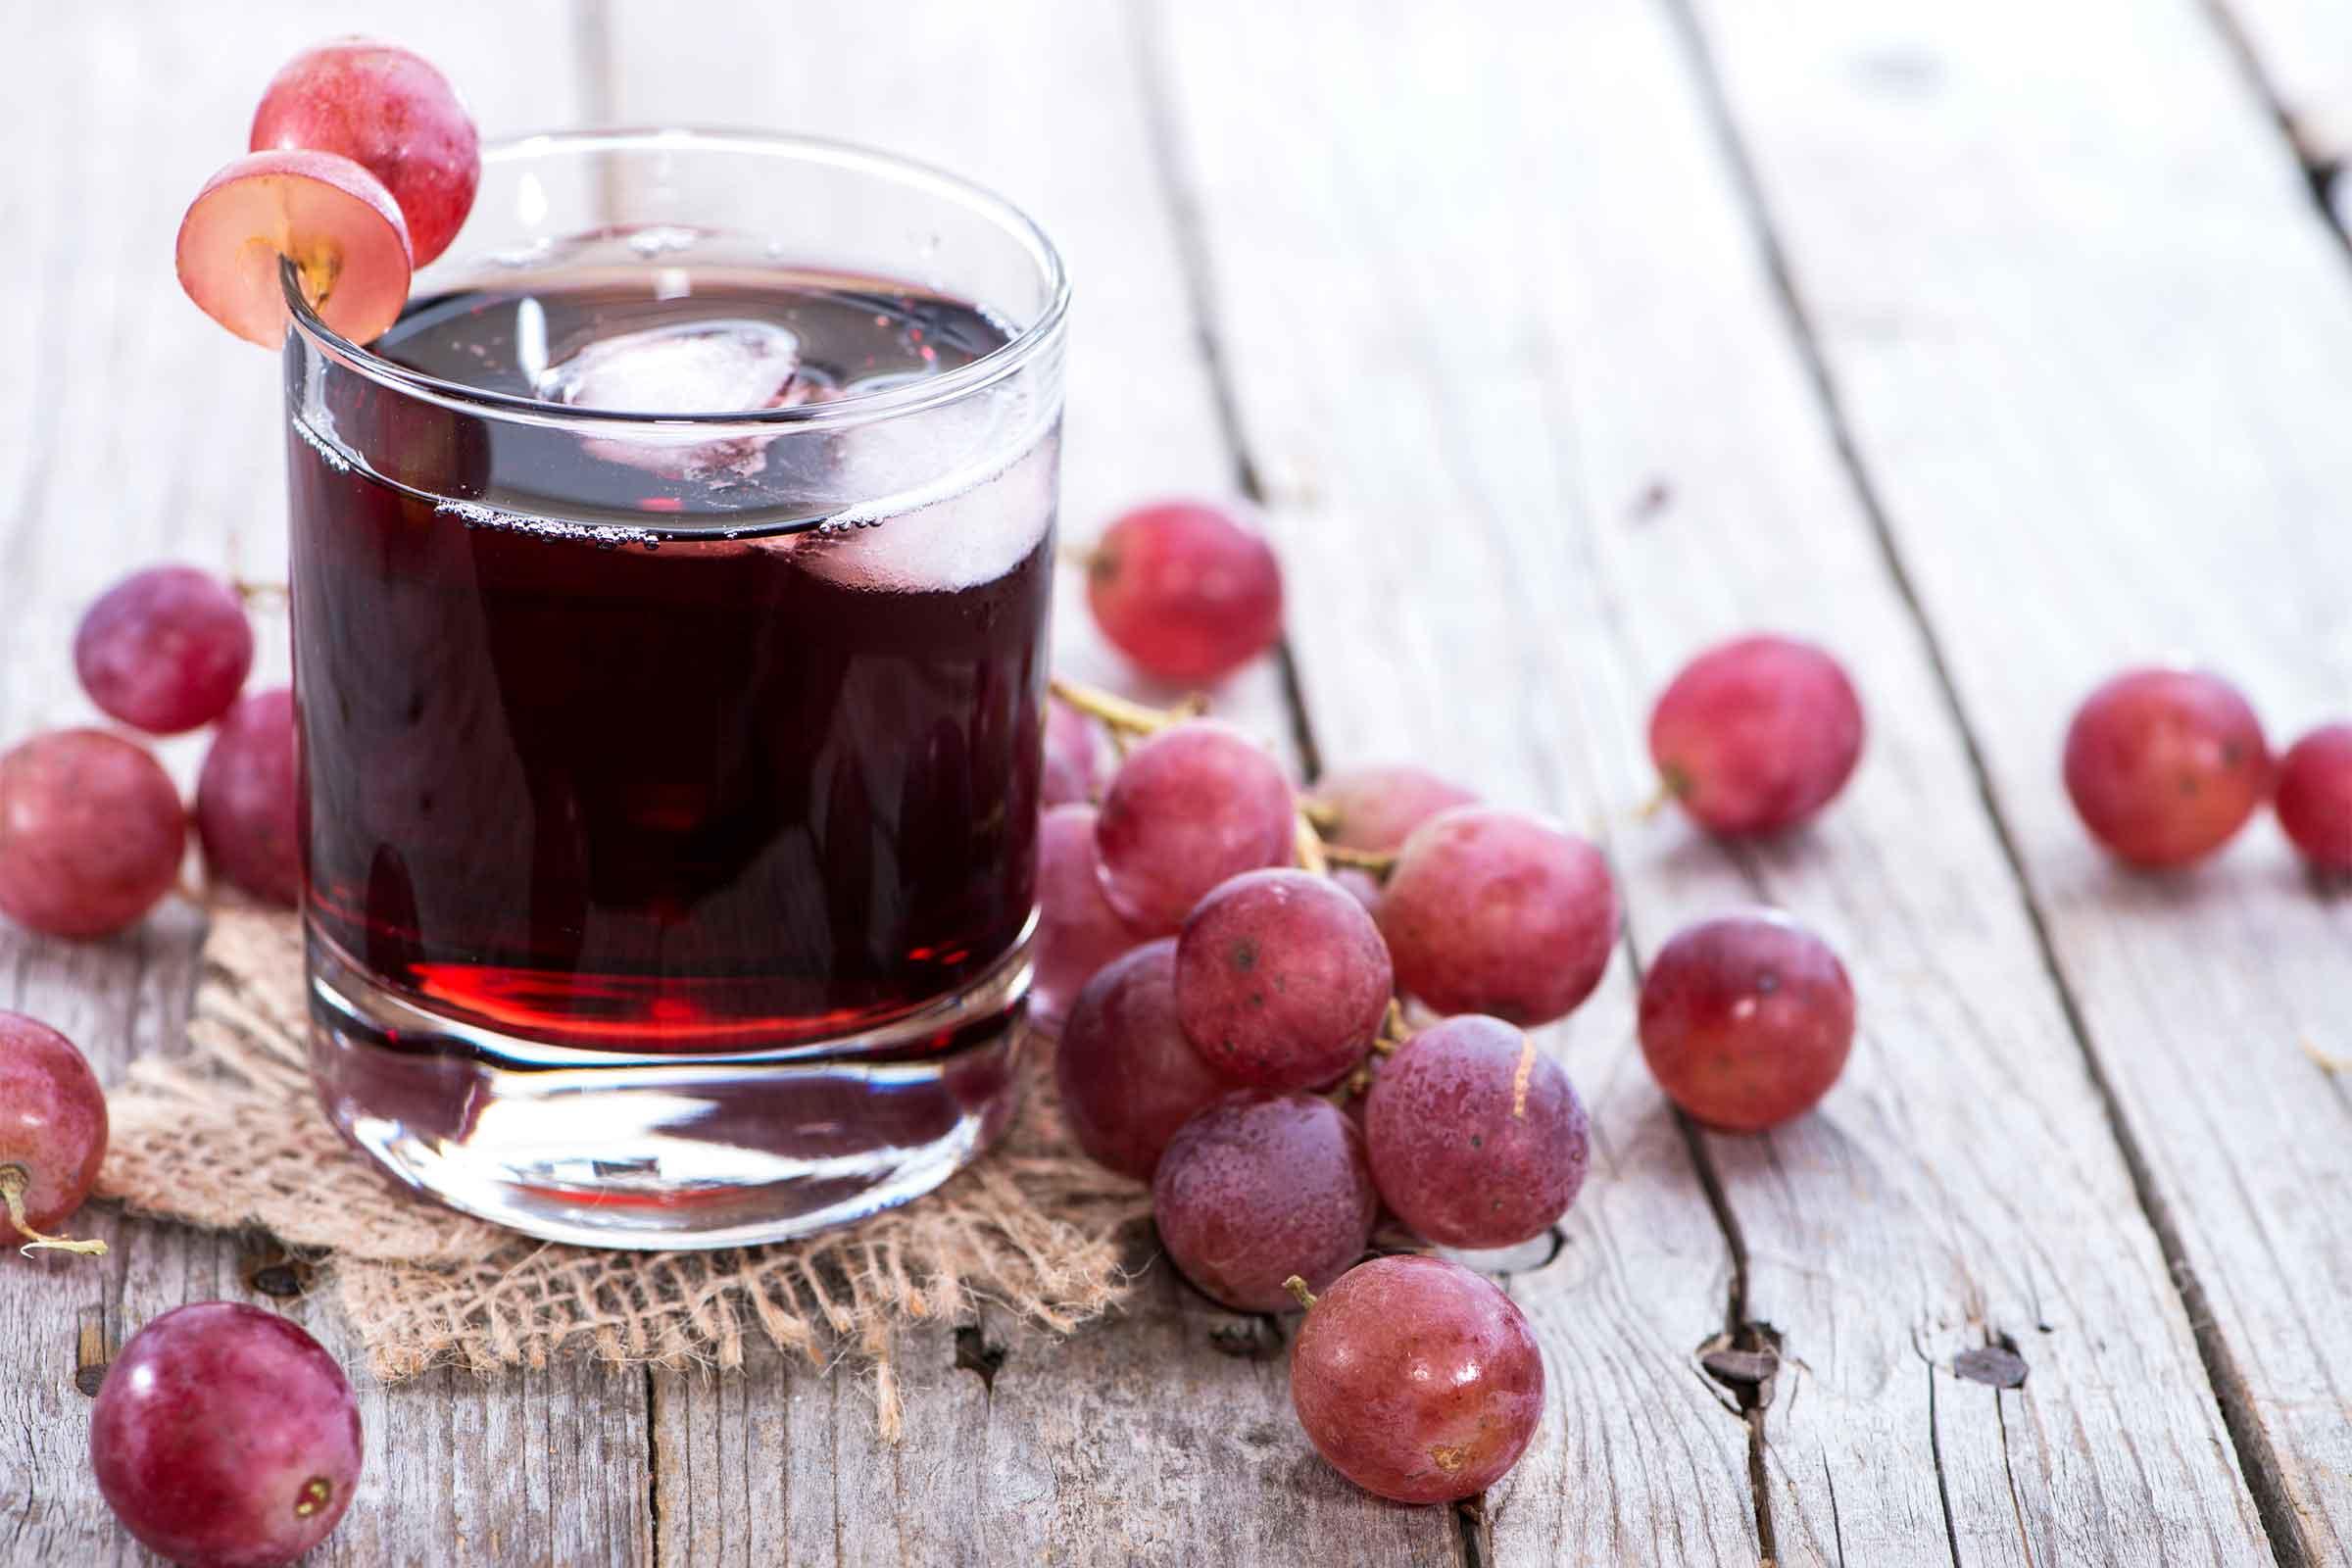 В начале осени, когда виноград уже созревает, его начинают заготавливать на зиму